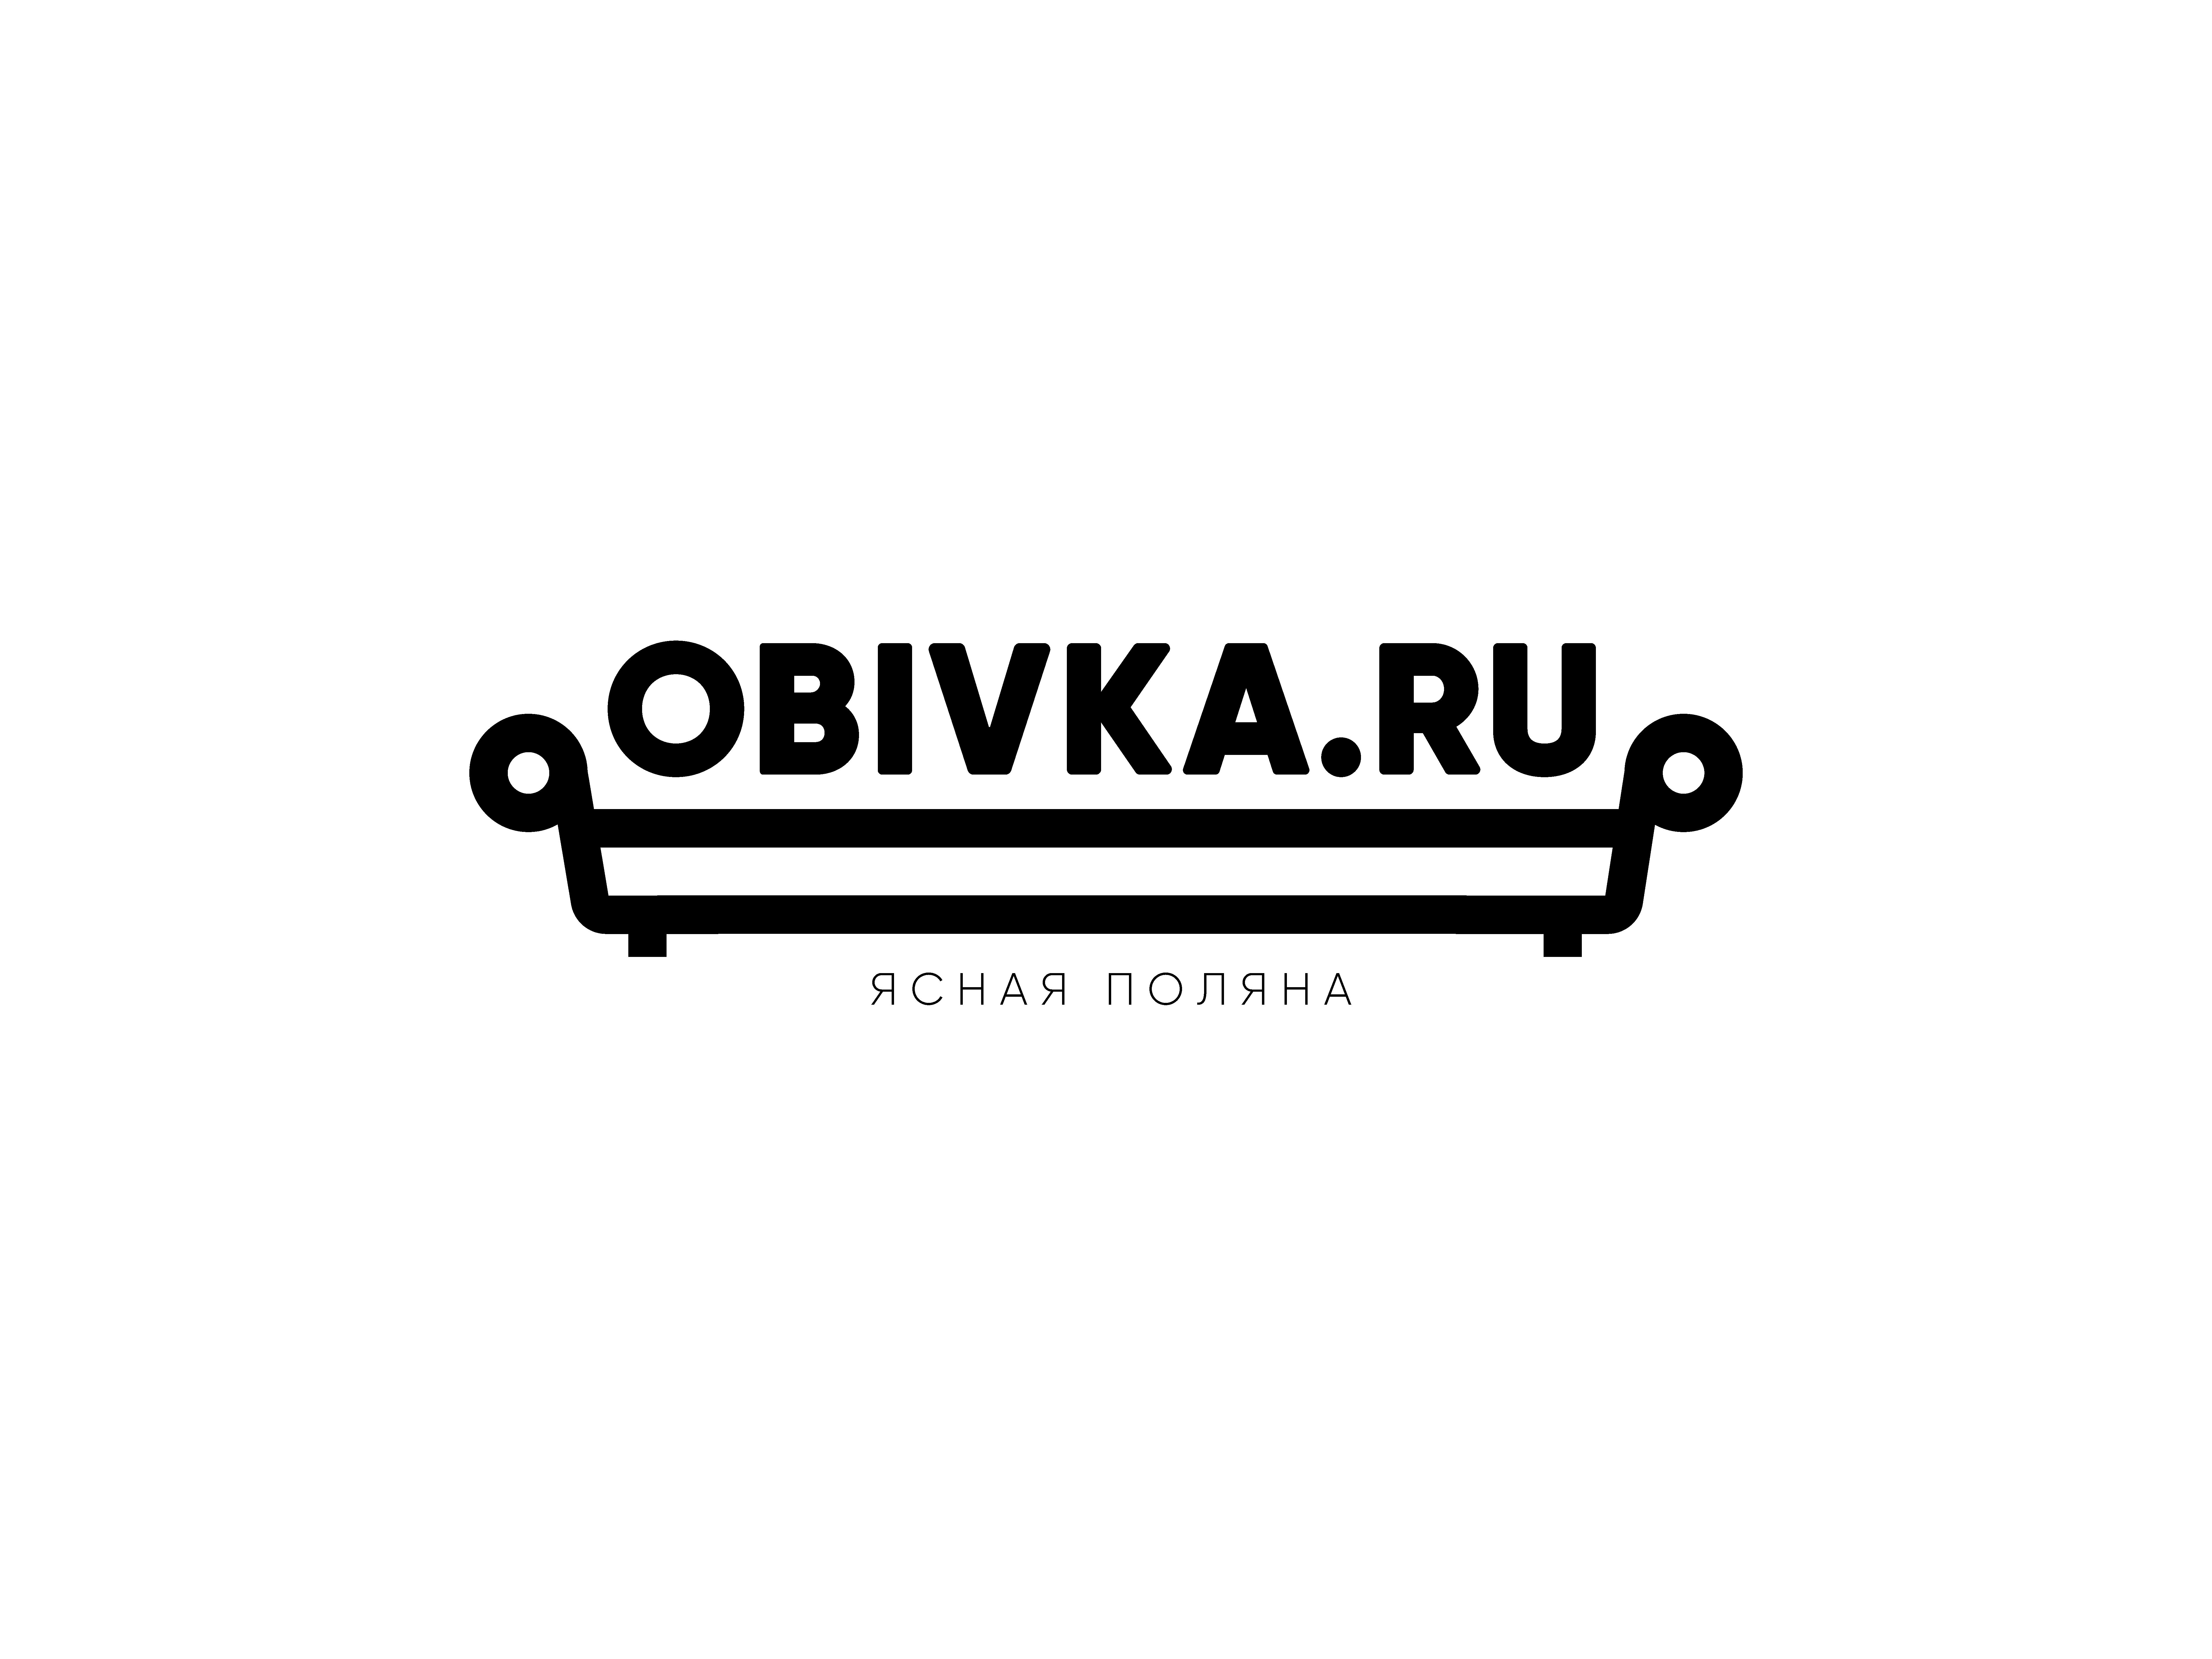 Логотип для сайта OBIVKA.RU фото f_6195c115031e053e.png